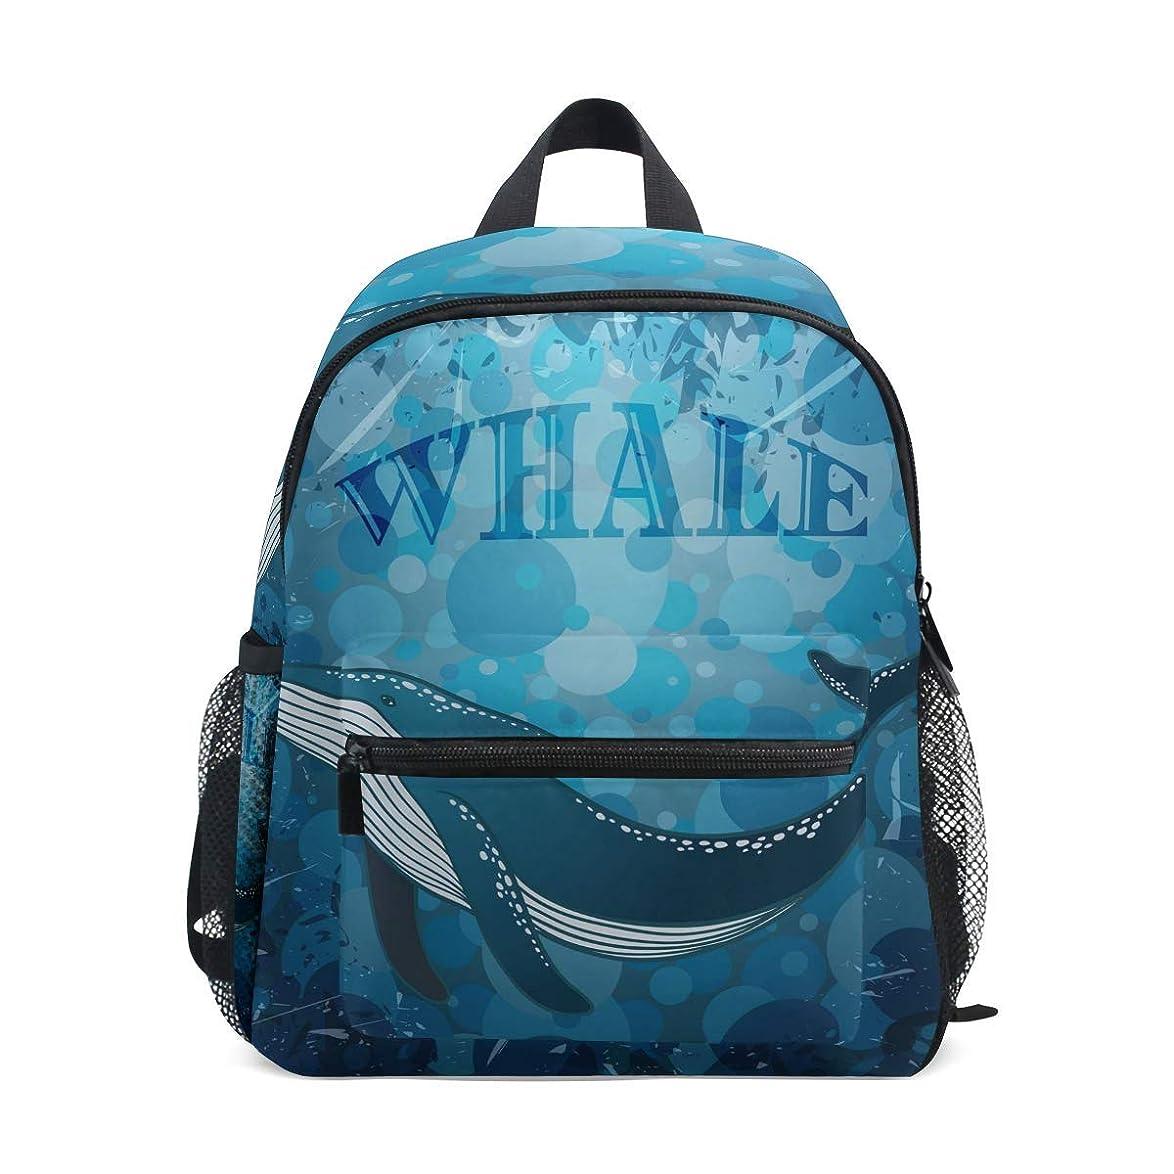 温かい明るくする不幸VAMIX 子供バッグ リュック バッグ リュックサック 男女兼用 女の子 男の子 日常 大容量 学生 子供 クジラ 魚 海